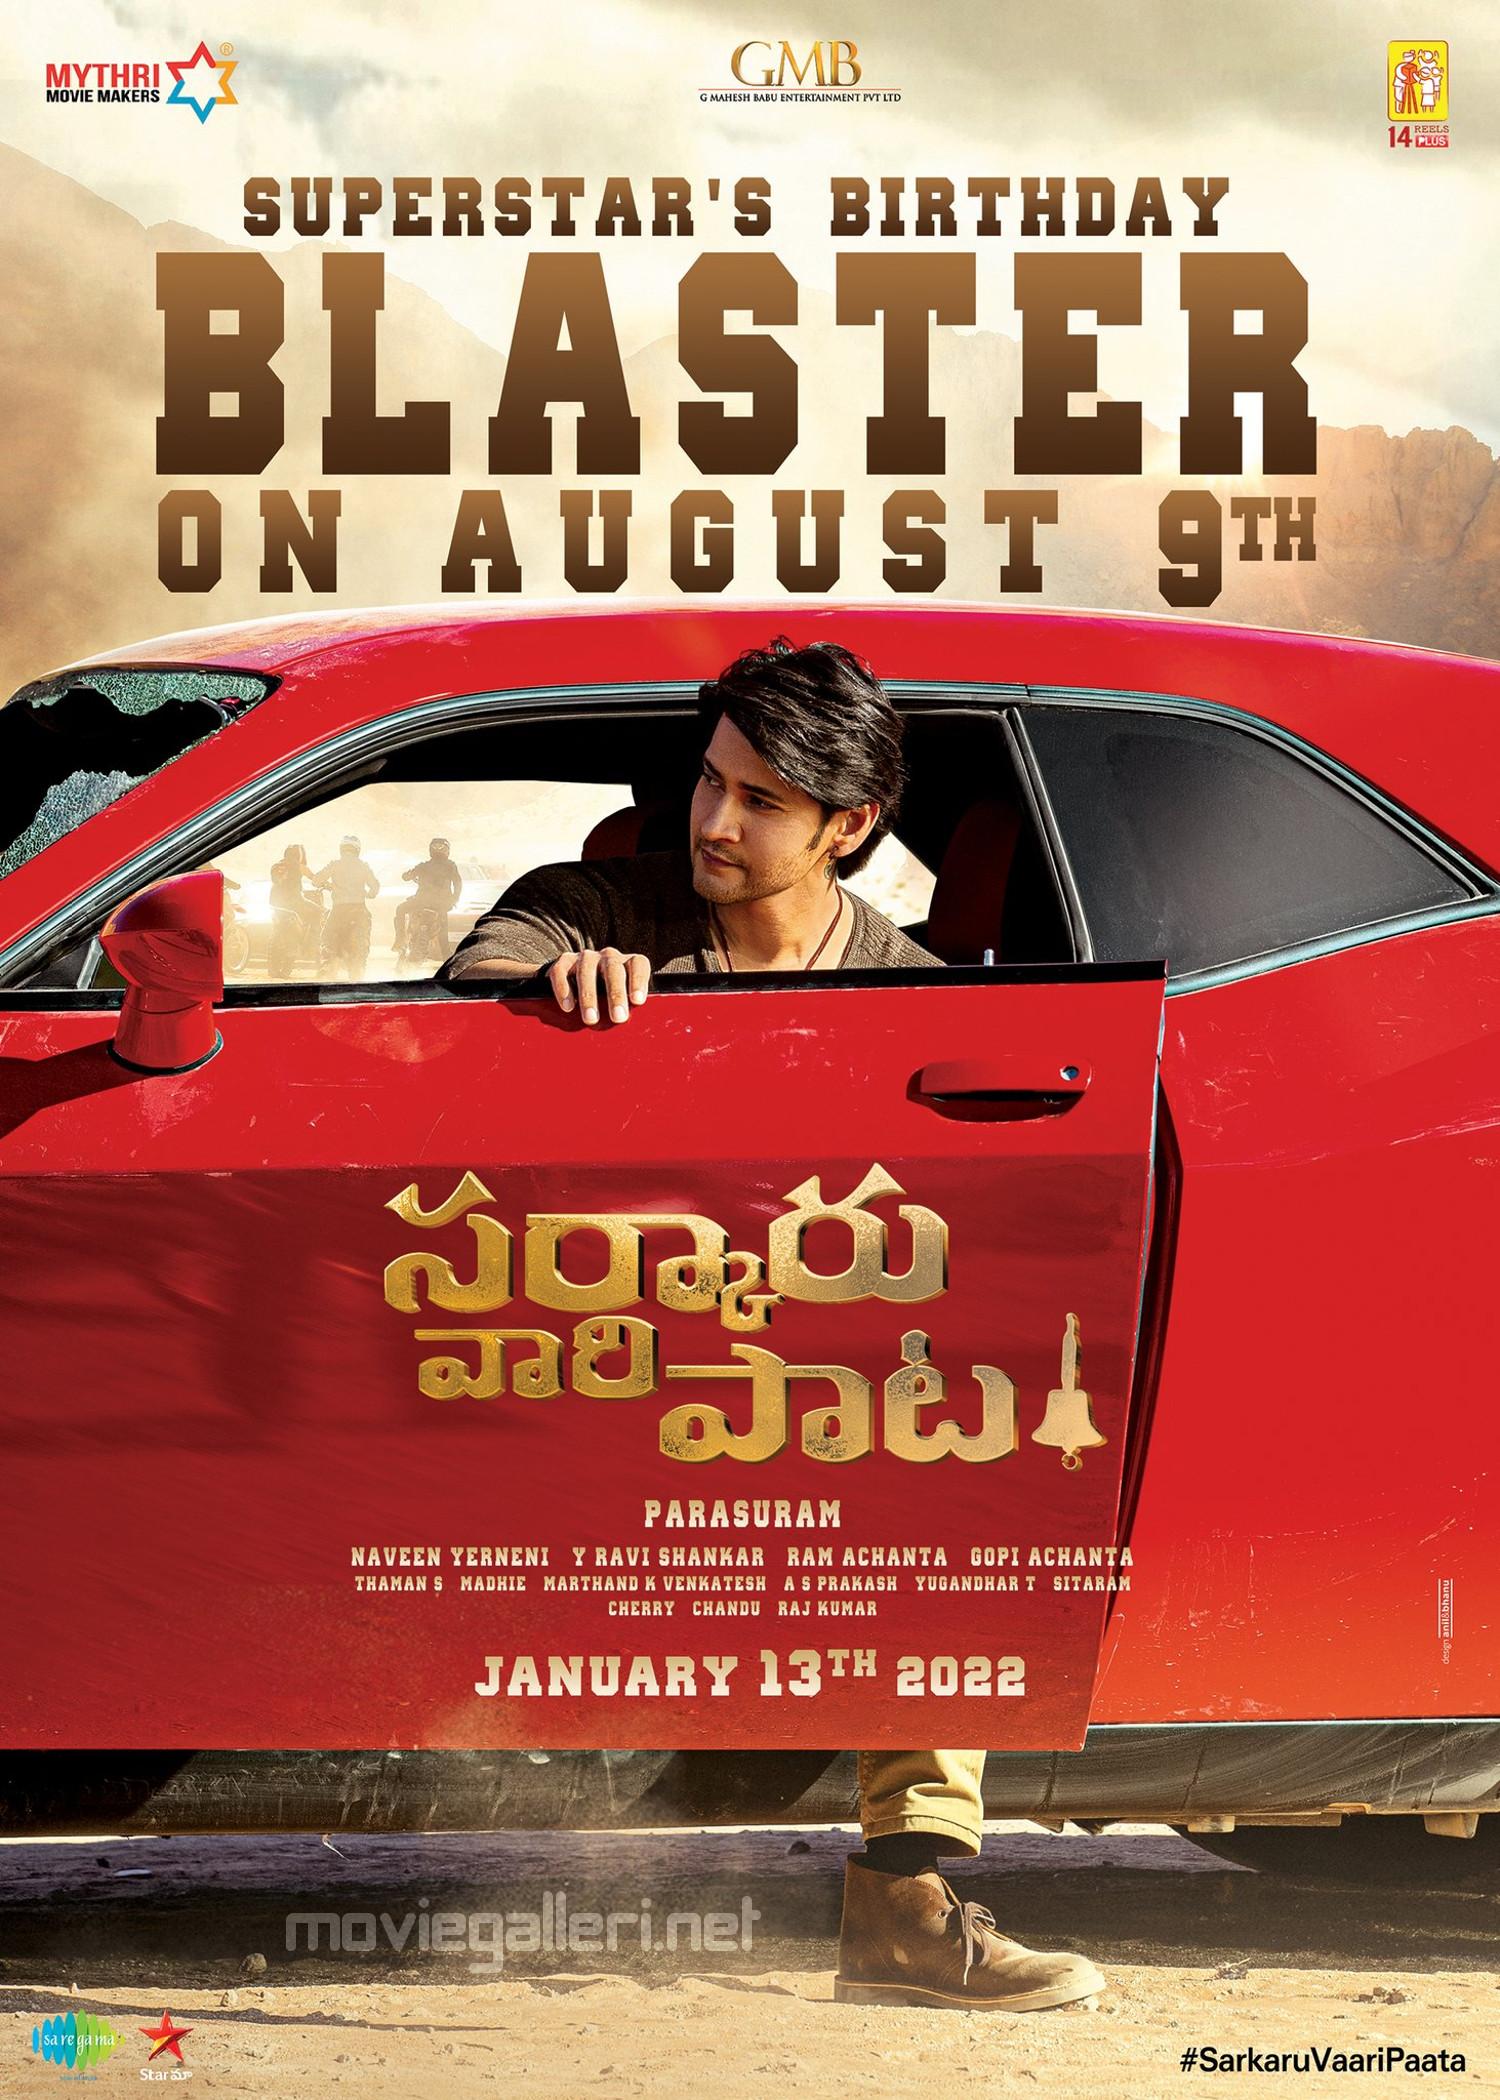 Mahesh Babu Sarkaru Vaari Paata First Look Poster HD